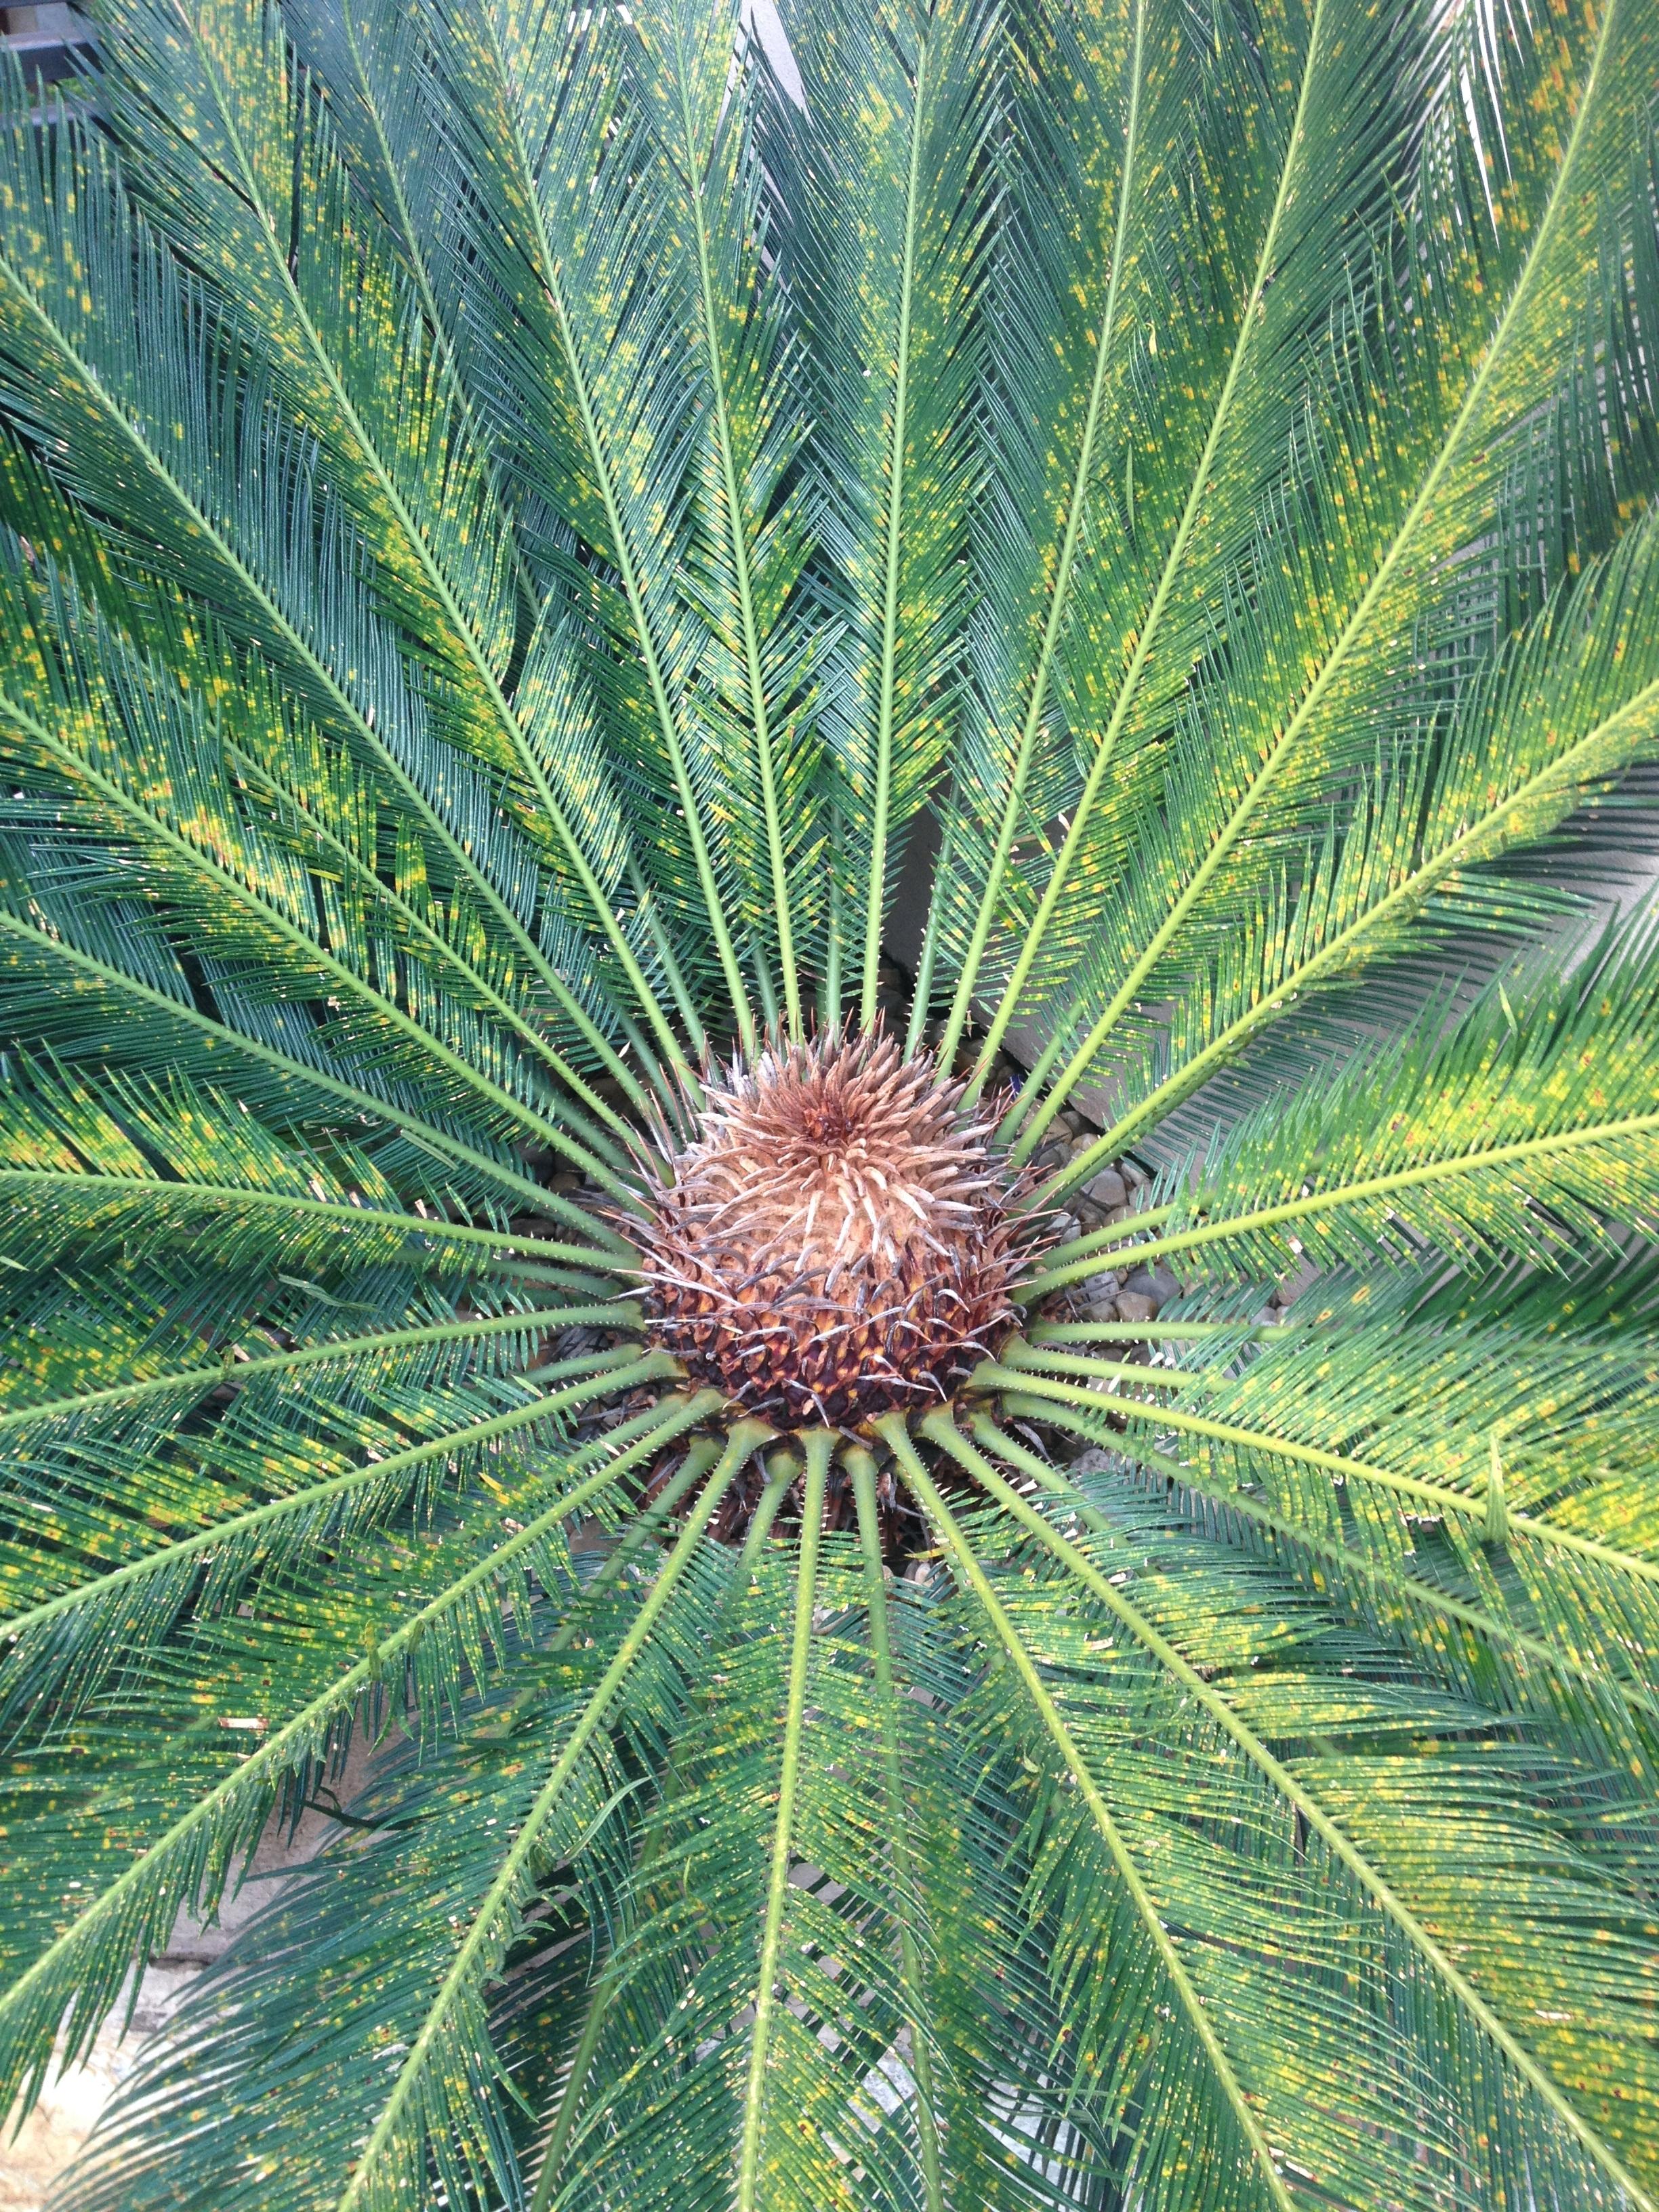 Images Gratuites Arbre La Nature Feuille Fleur Vert Produire